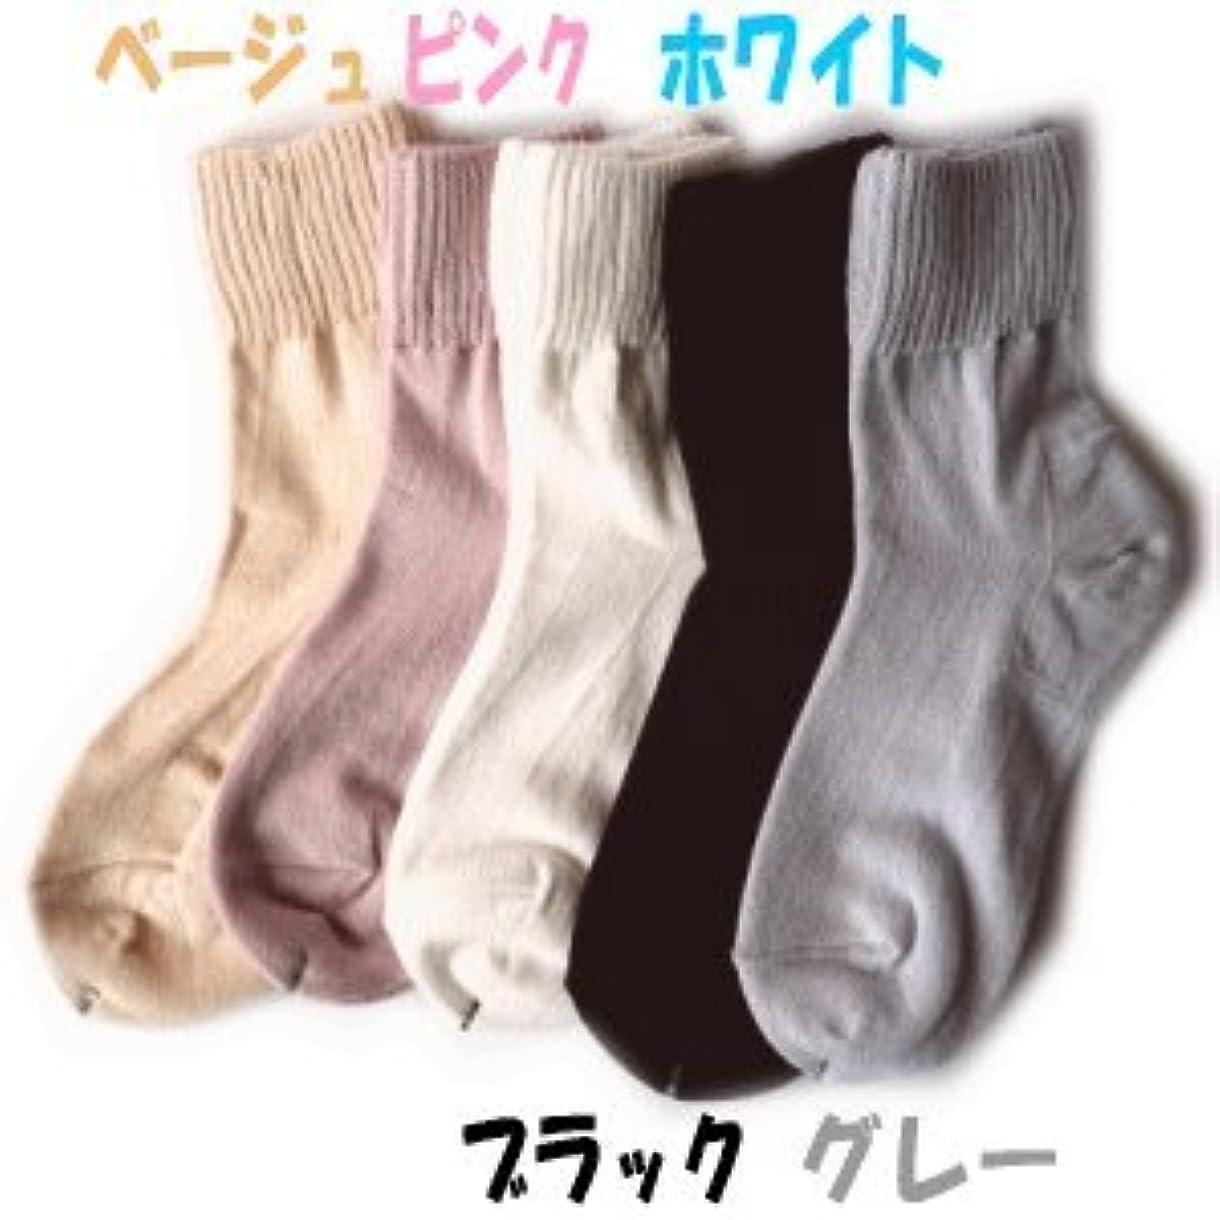 欠席記録疎外する薄手 ゆったり かかと ツルツル 靴下 ピンク 角質ケア ひび割れ対策 22-24cm 太陽ニット 574